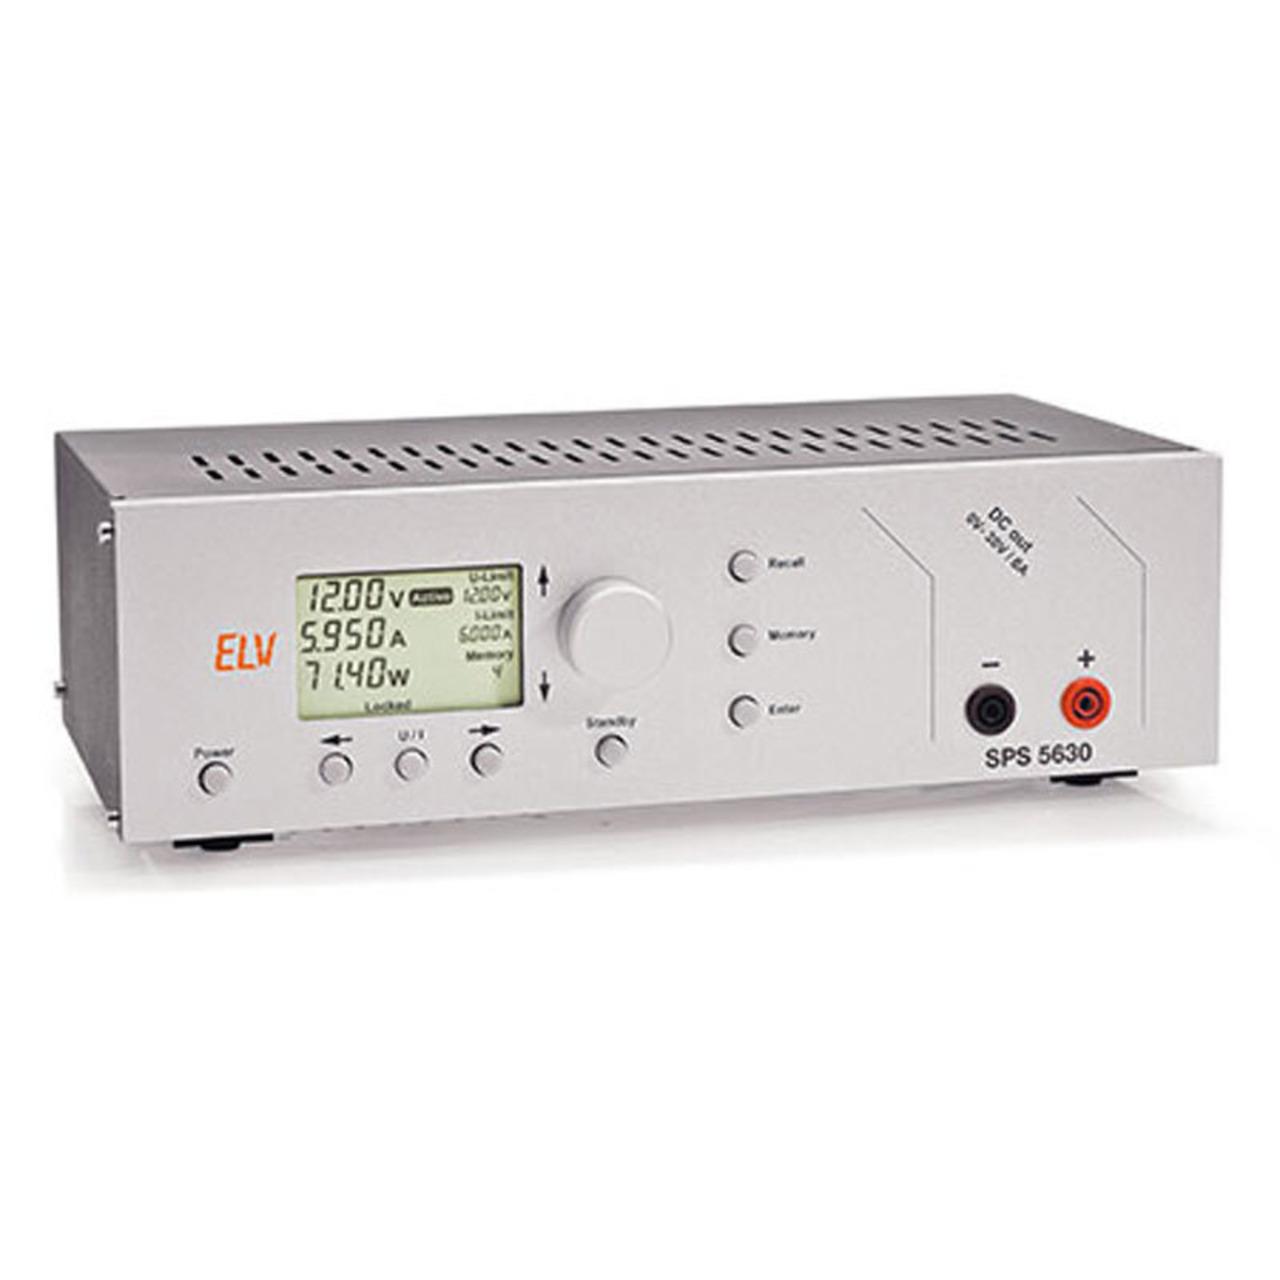 ELV Komplettbausatz Prozessor-Schaltnetzteil SPS 5630